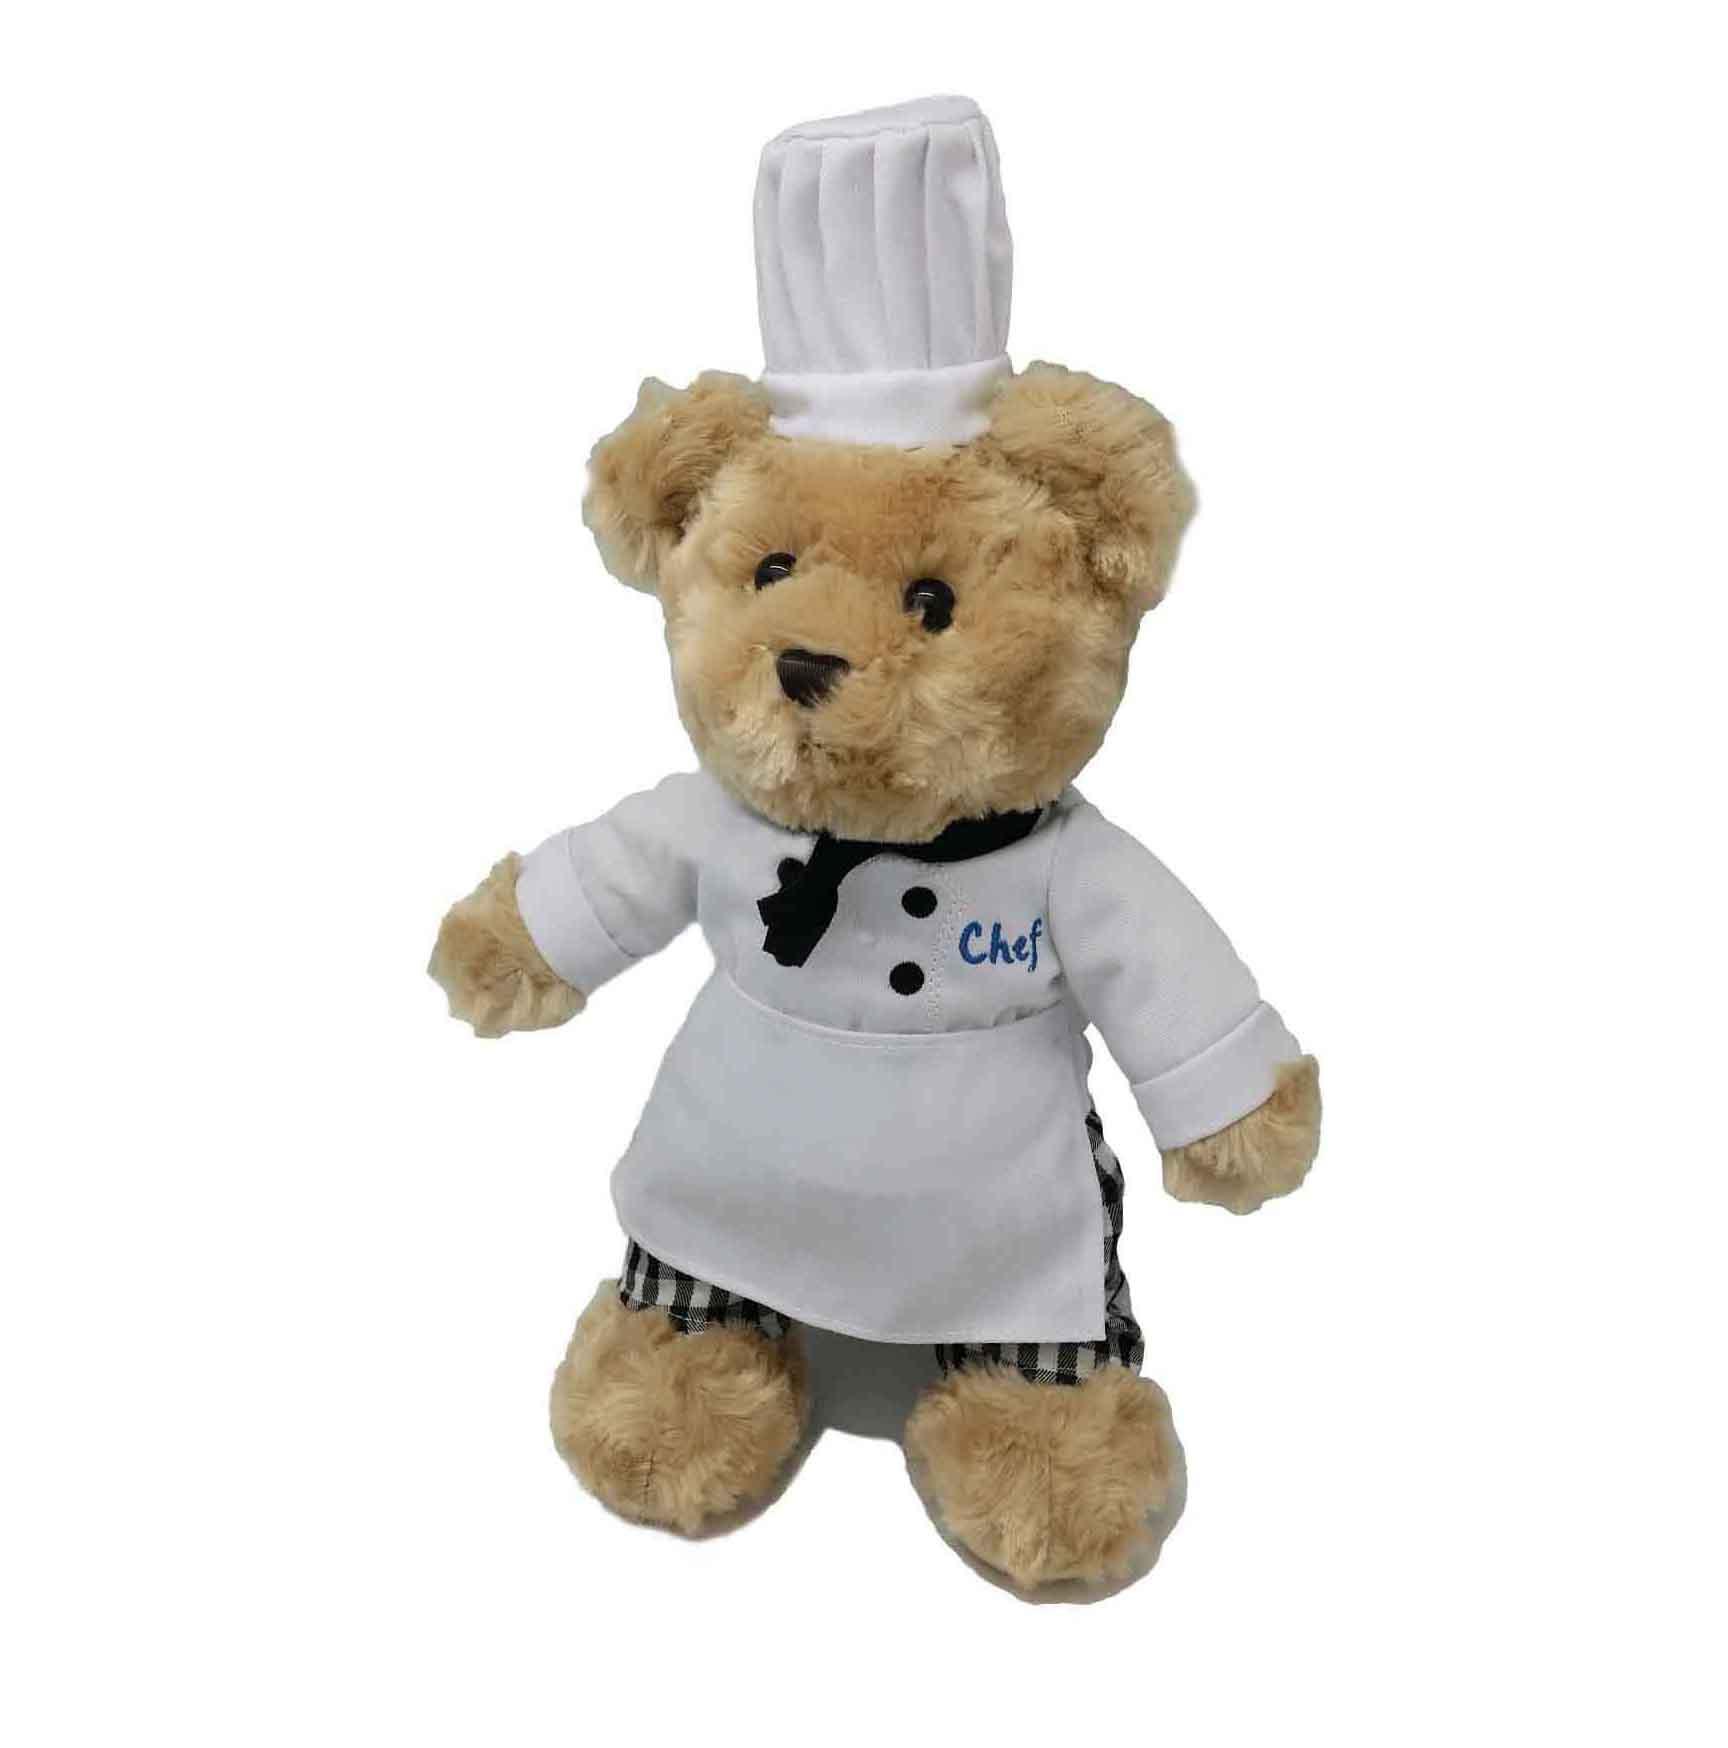 Chef teddy bear soft toy plush toy